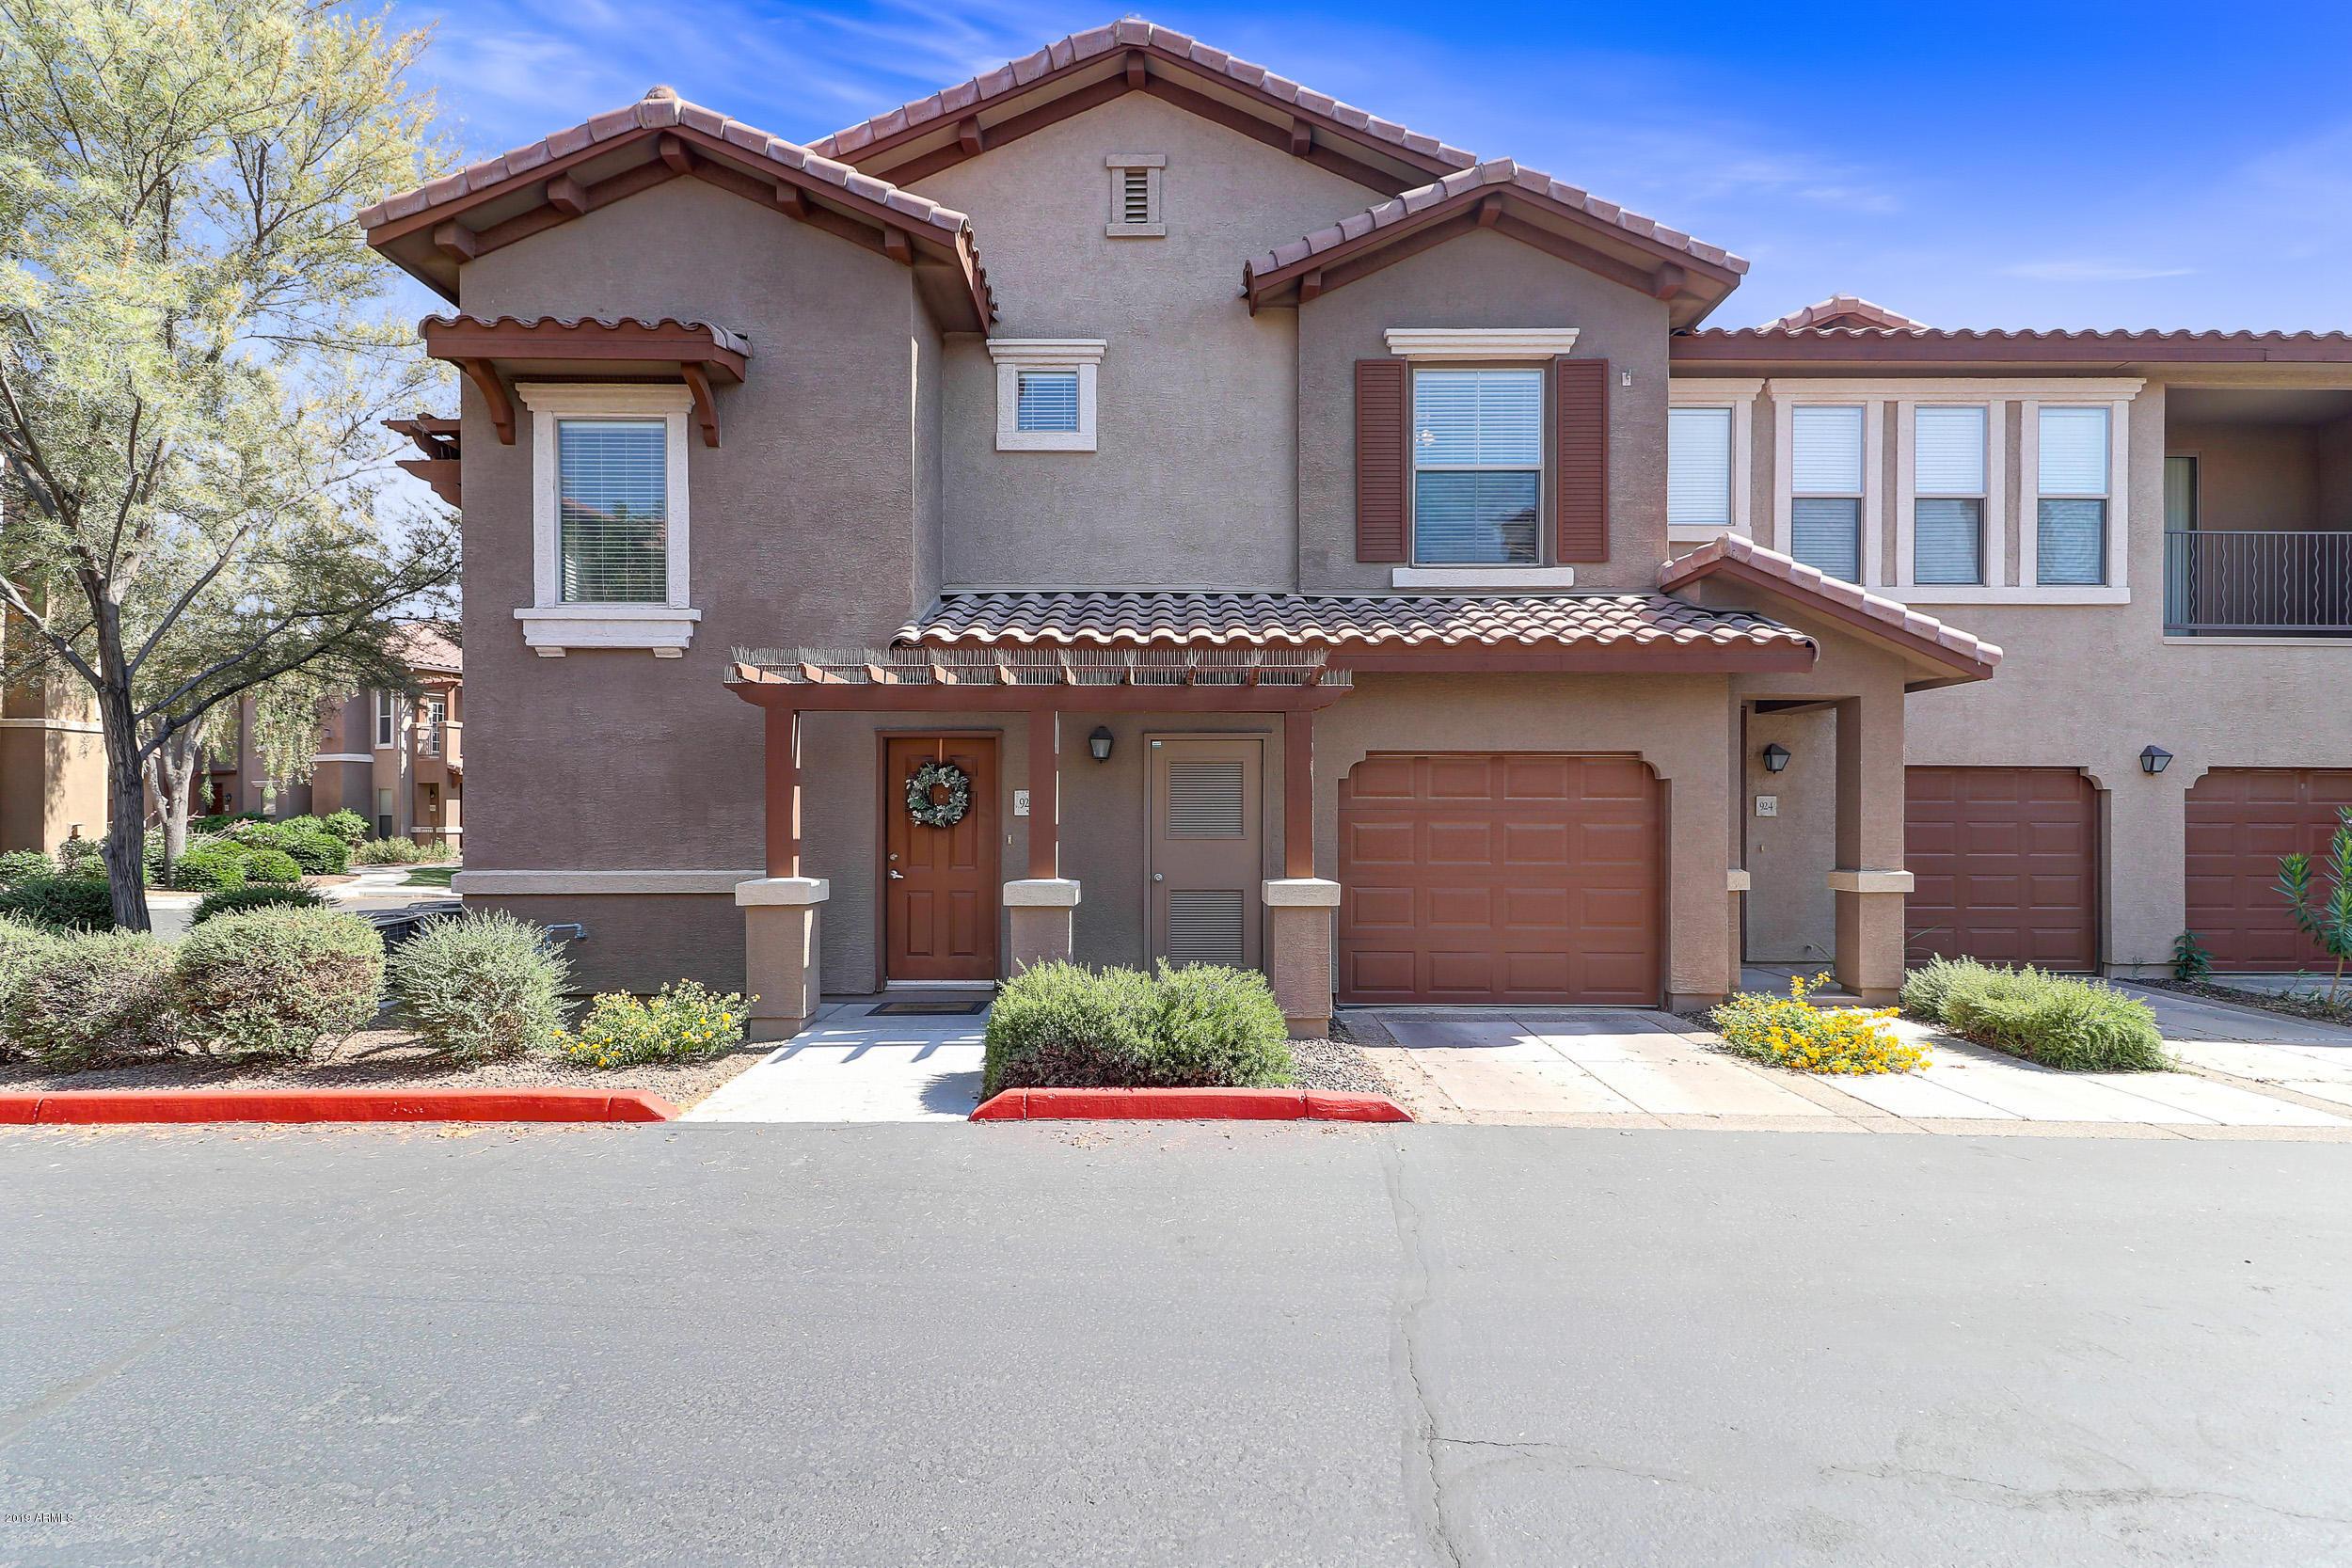 Photo of 14250 W WIGWAM Boulevard #923, Litchfield Park, AZ 85340